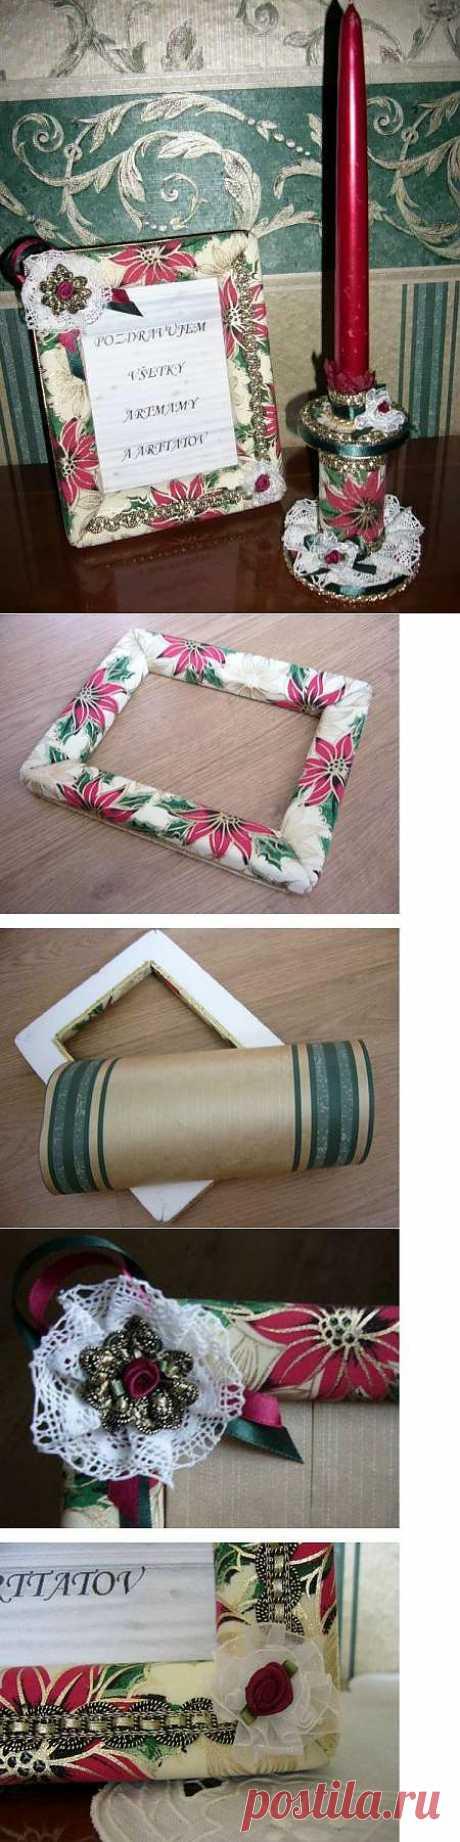 Рамочка из пенопласта и подсвечник из картона. Отличная идея с мастер-классом.